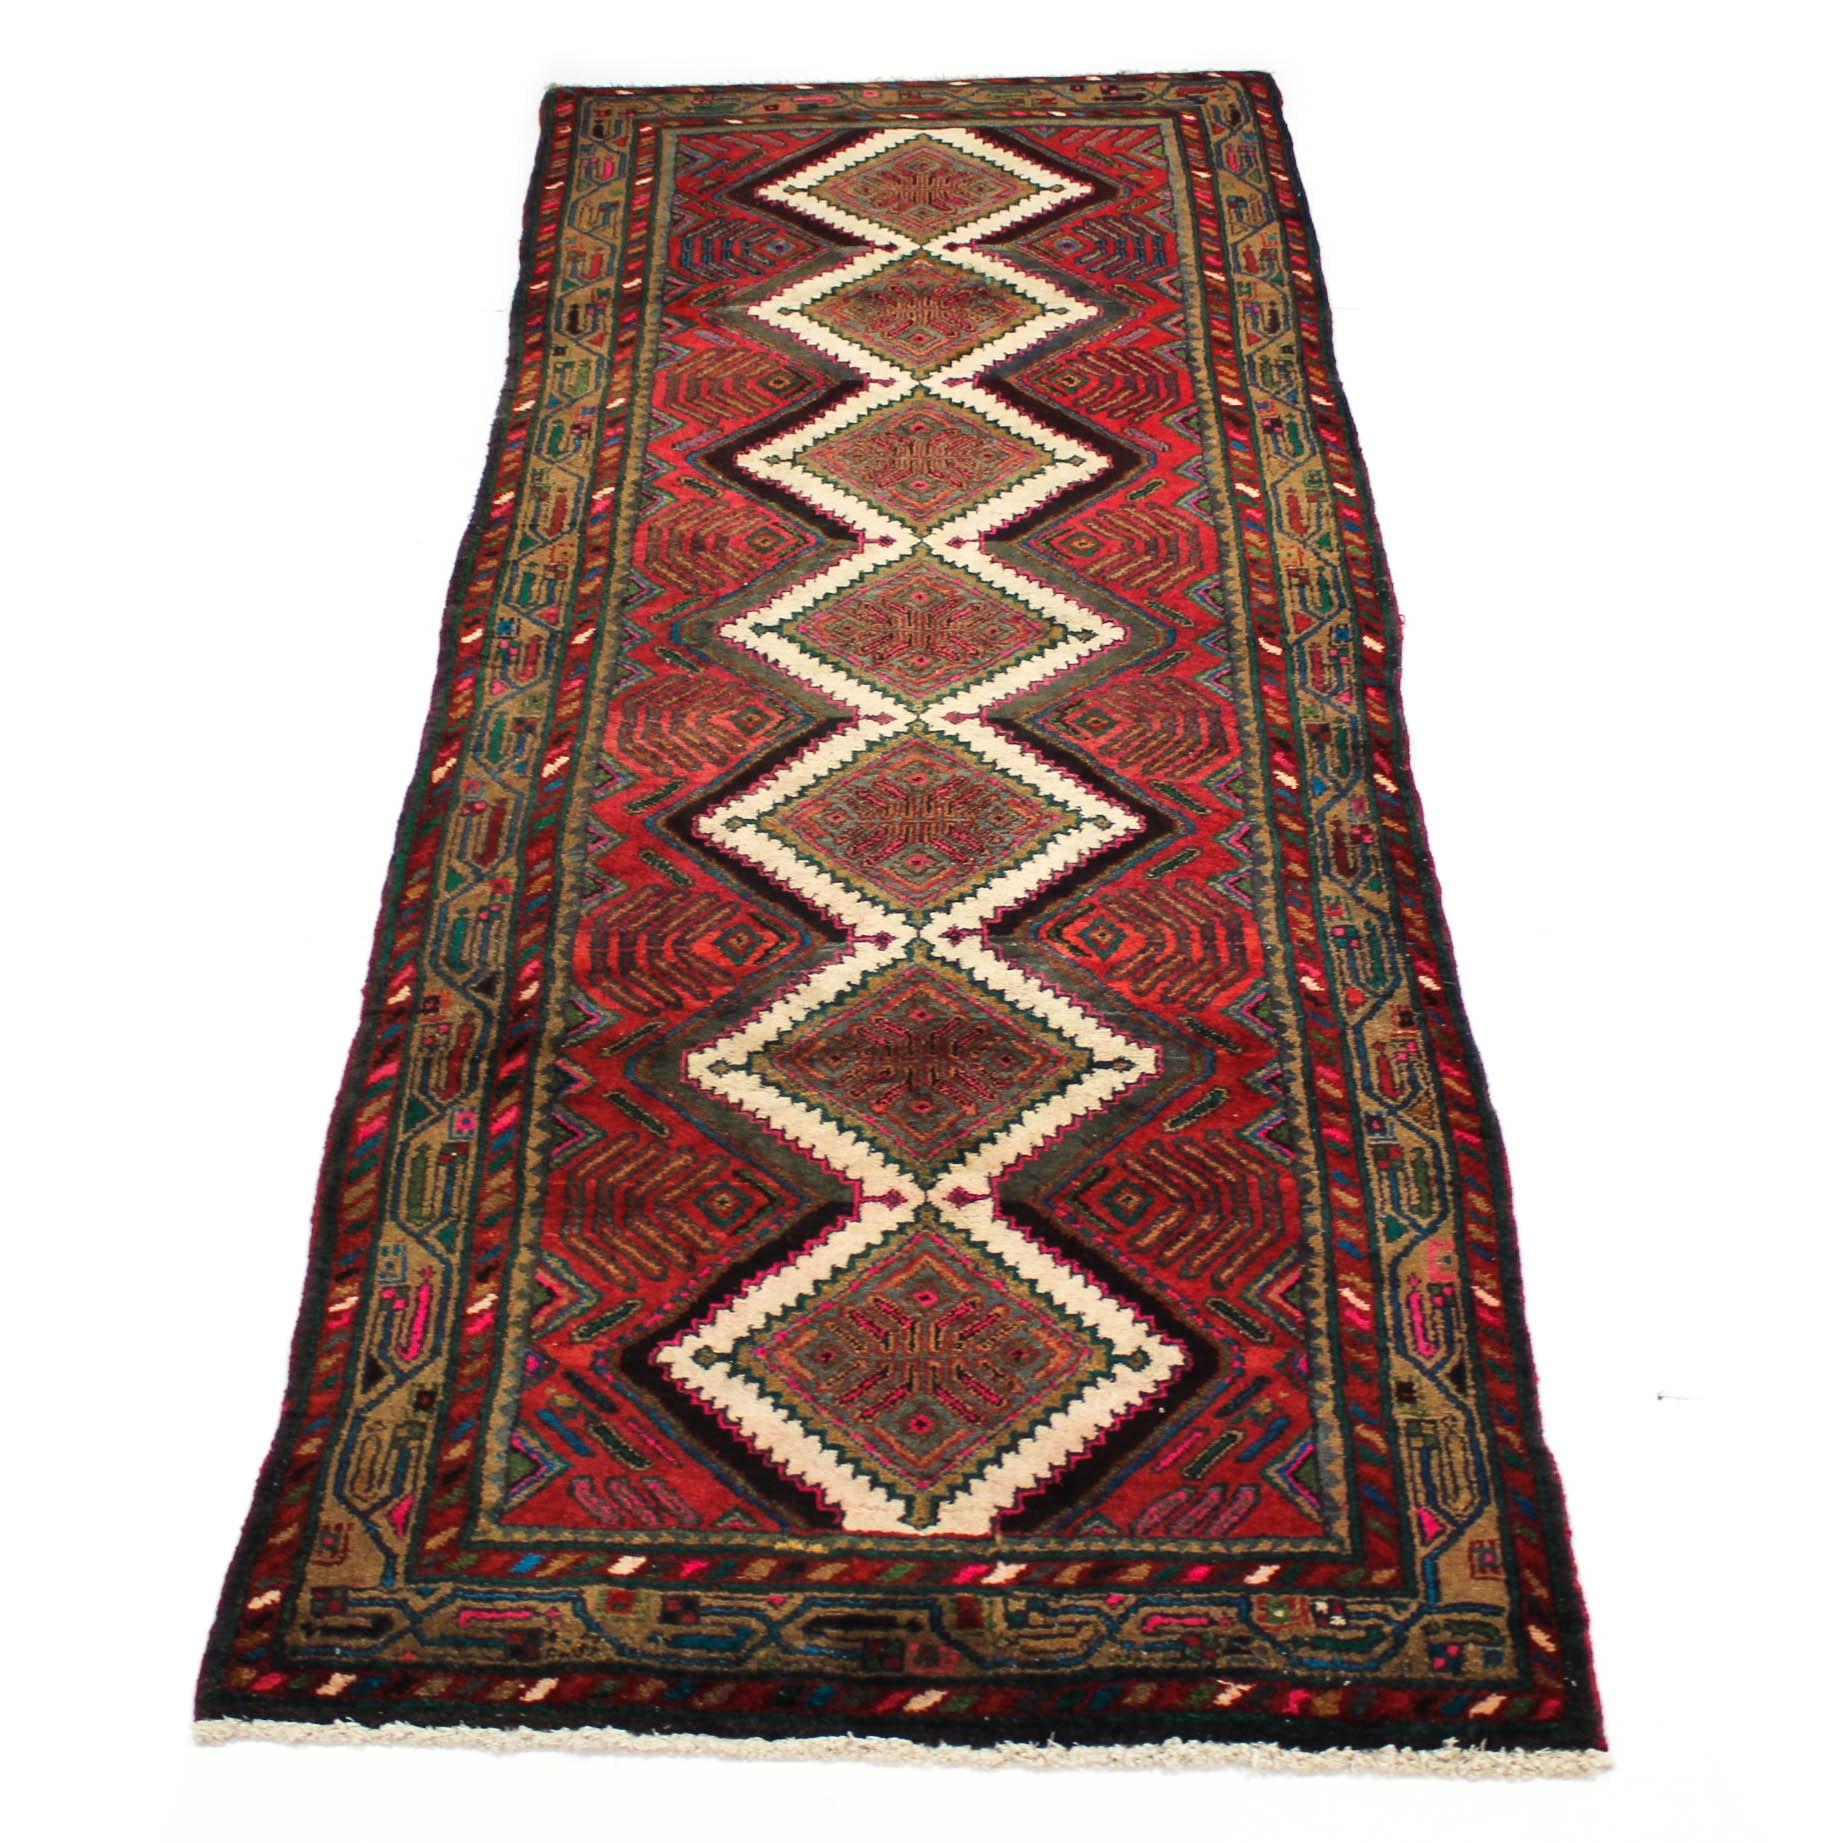 3'6 x 9' Semi-Antique Northwest Persian Chenar Carpet Runner